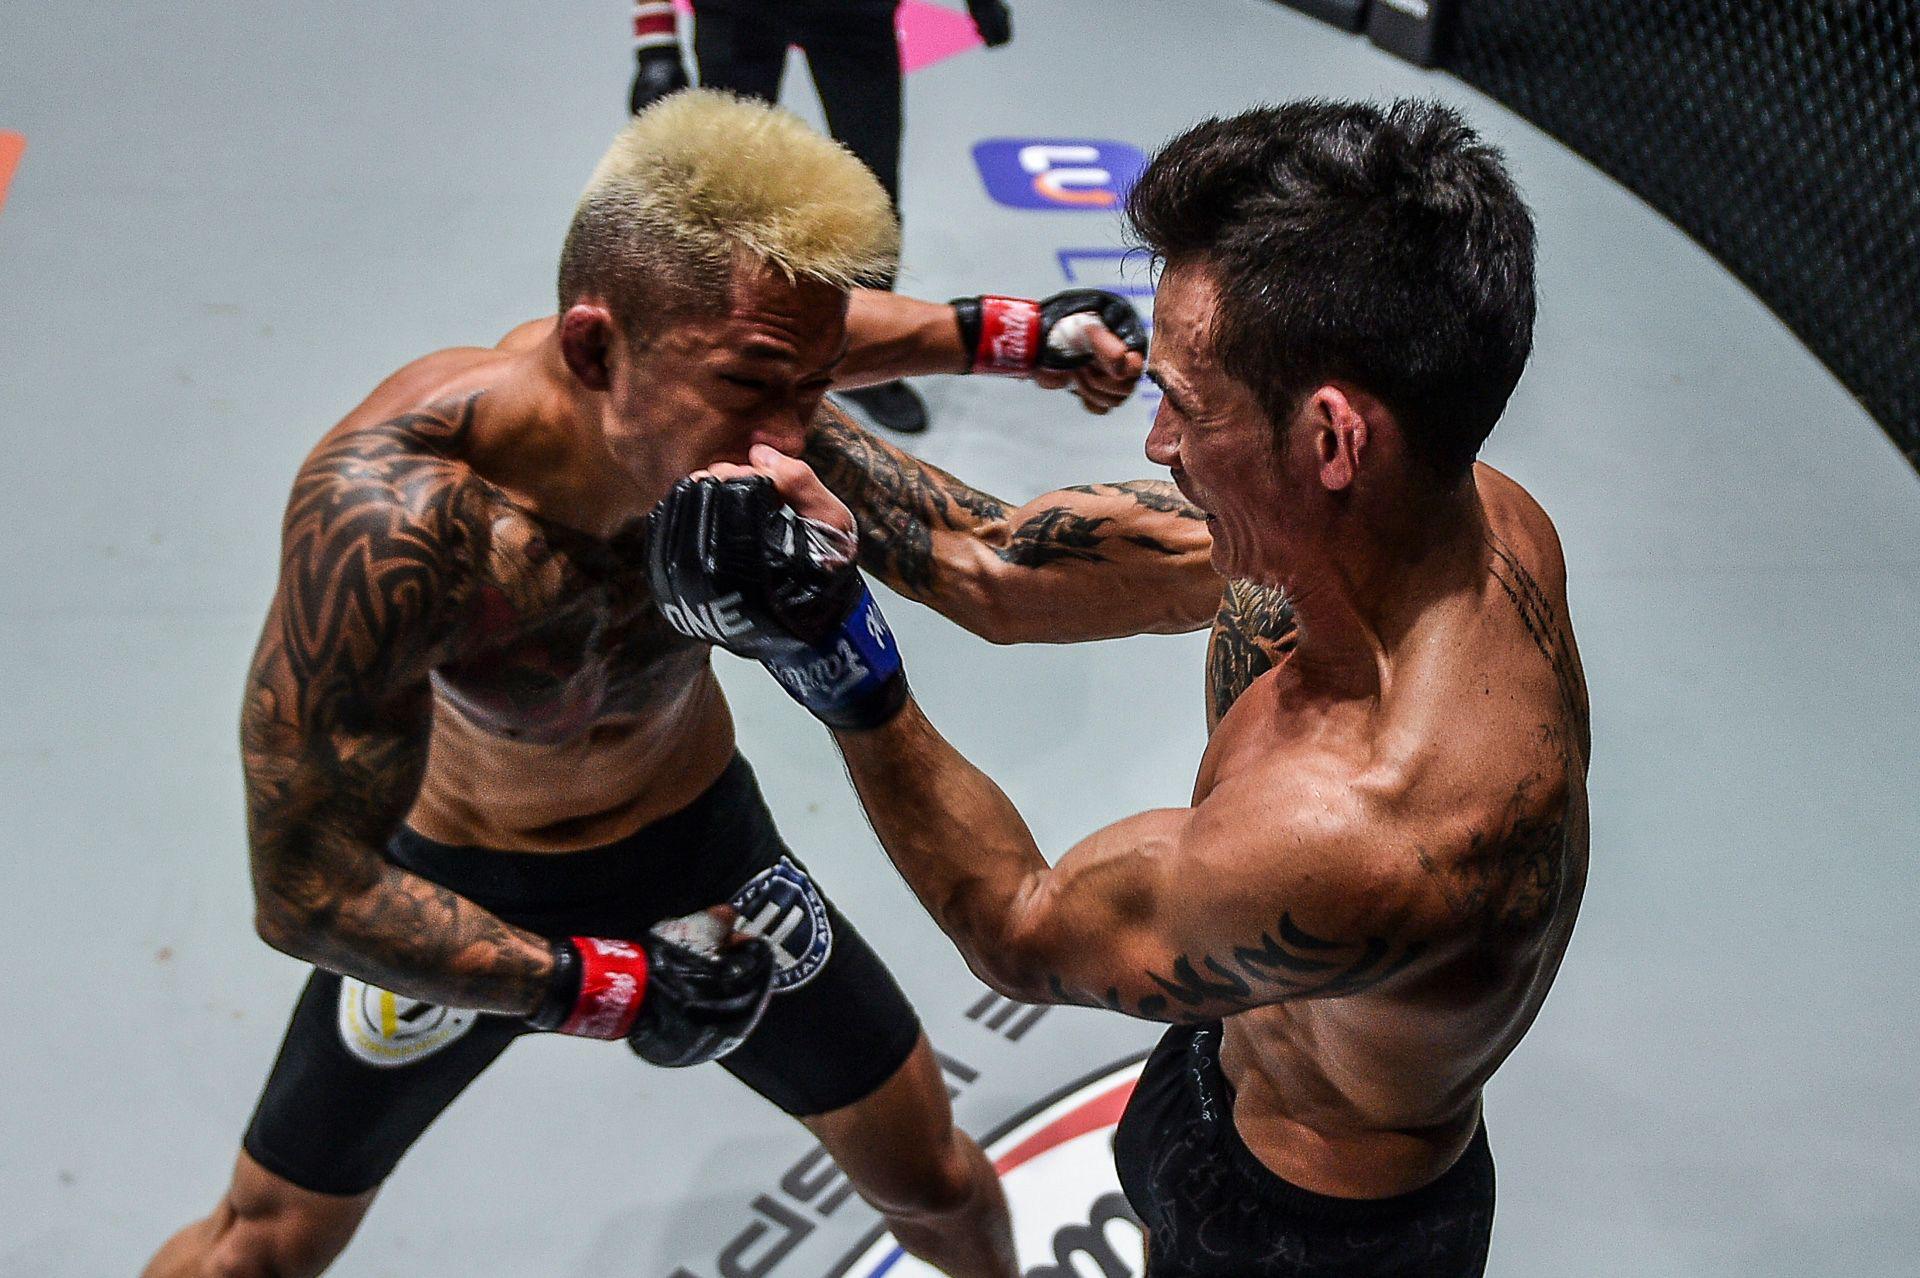 Chùm ảnh: Thành Lê hạ knock-out Martin Nguyễn, trở thành nhà vua mới tại hạng lông của ONE Championship - Ảnh 2.